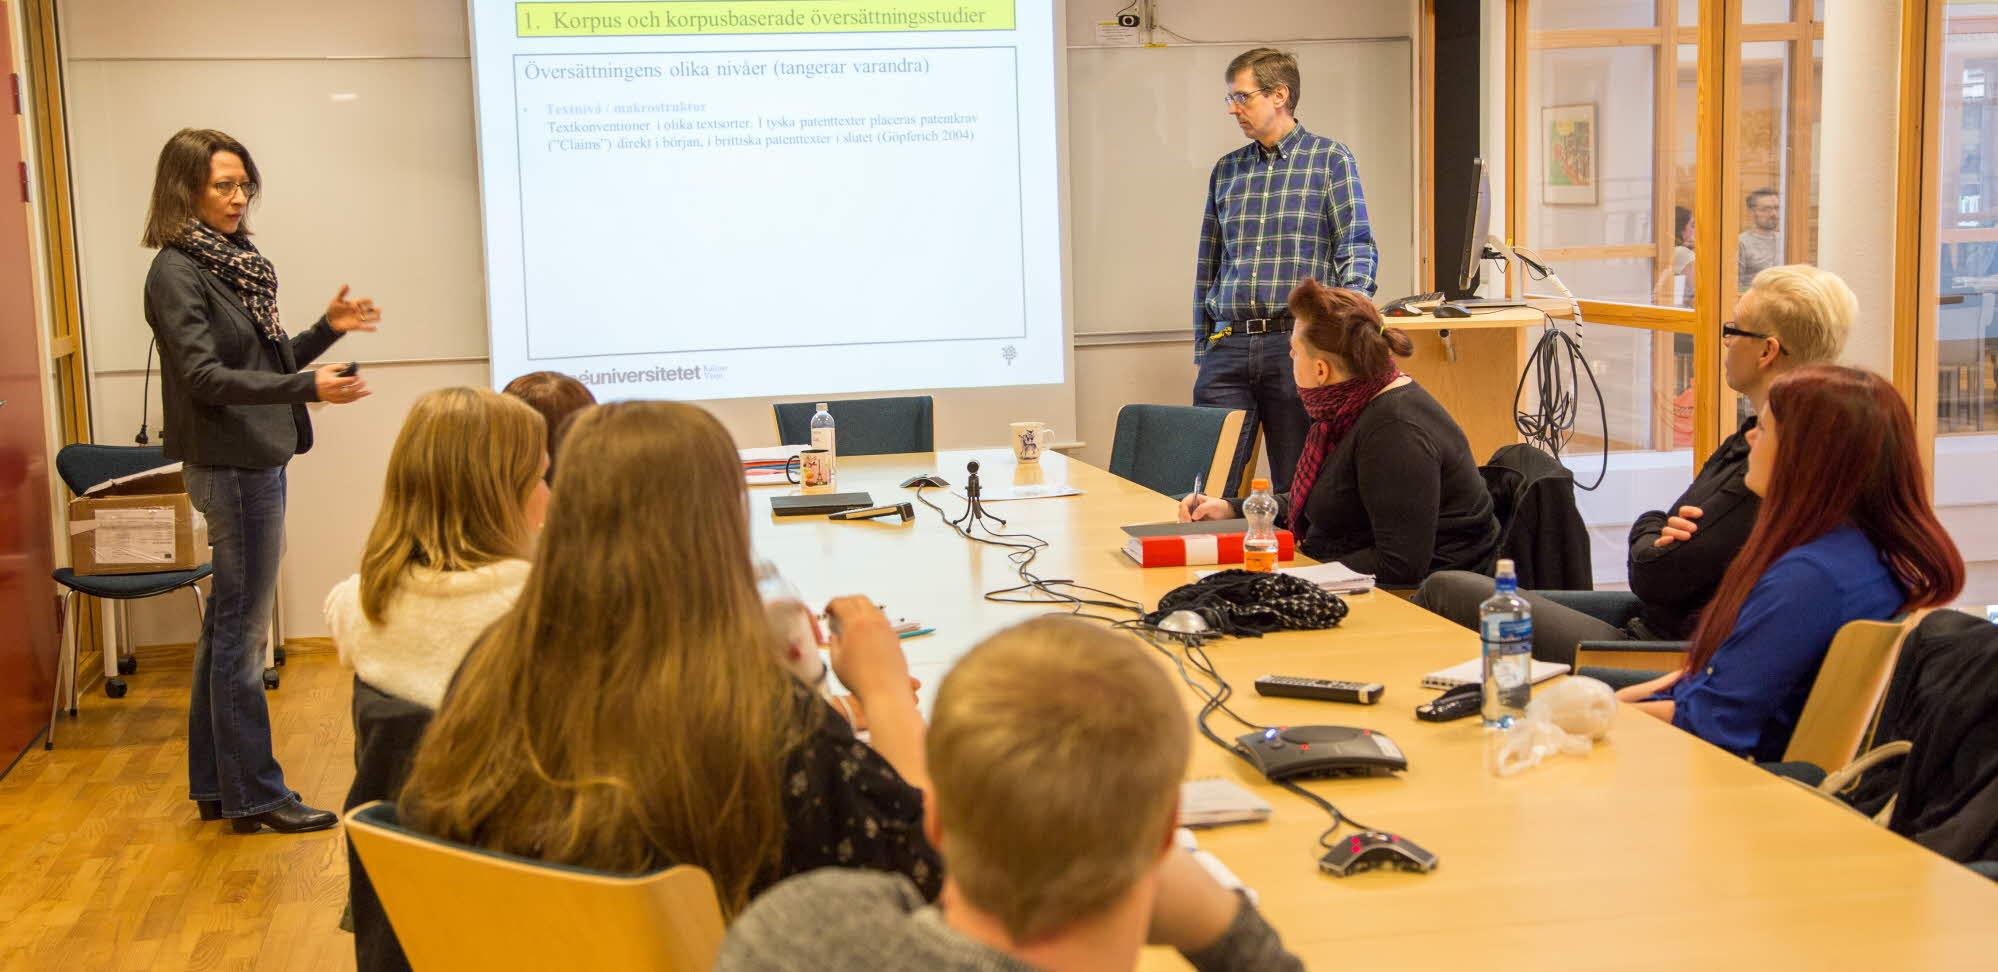 föreläsning i grupprum